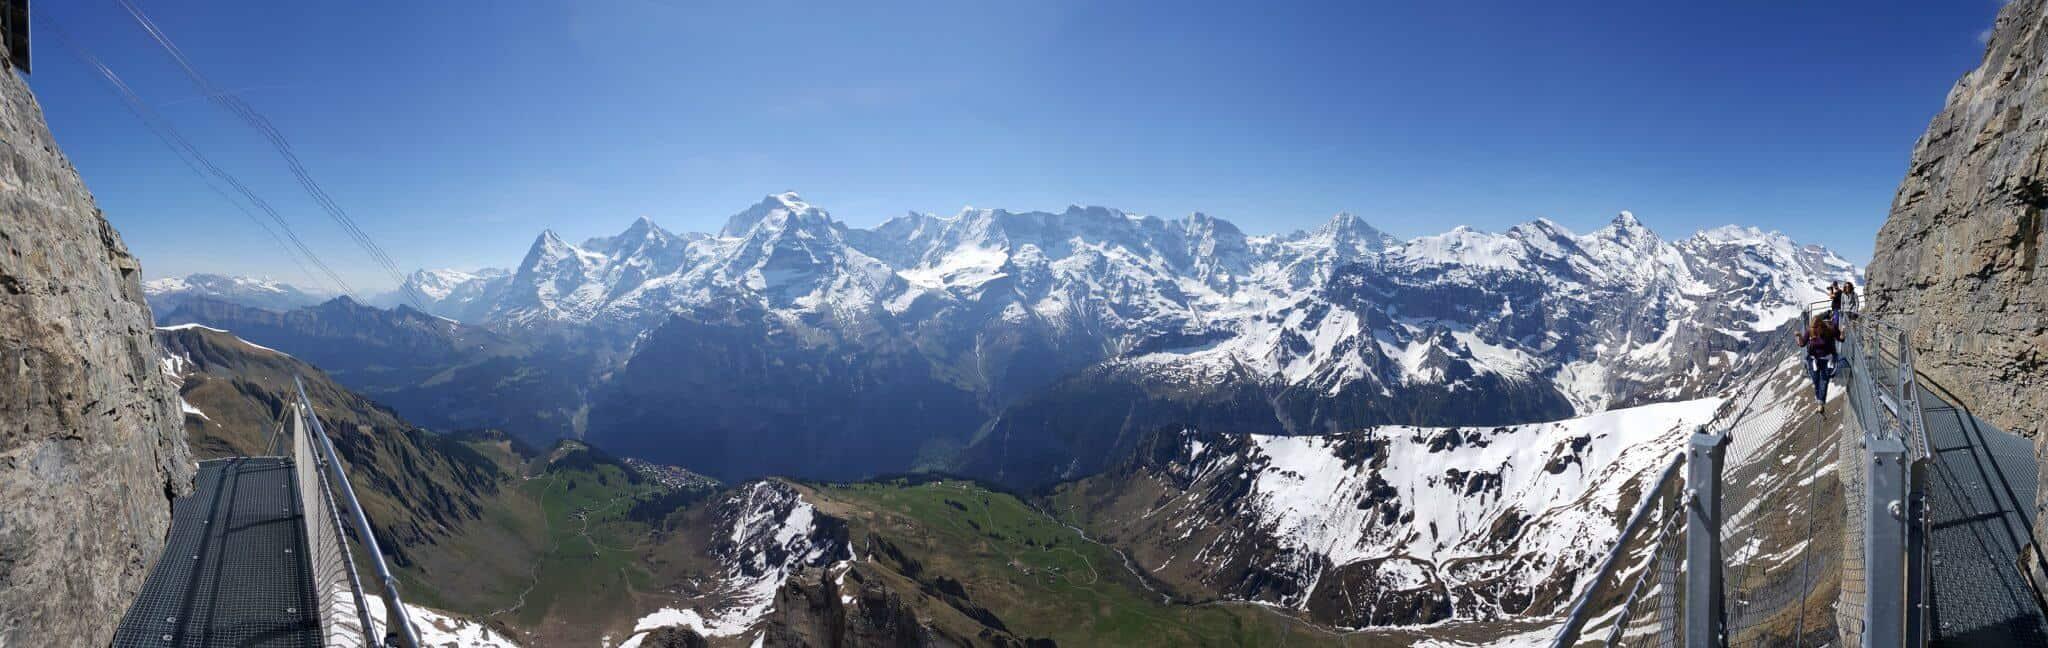 Grindelwald First, Switzerland